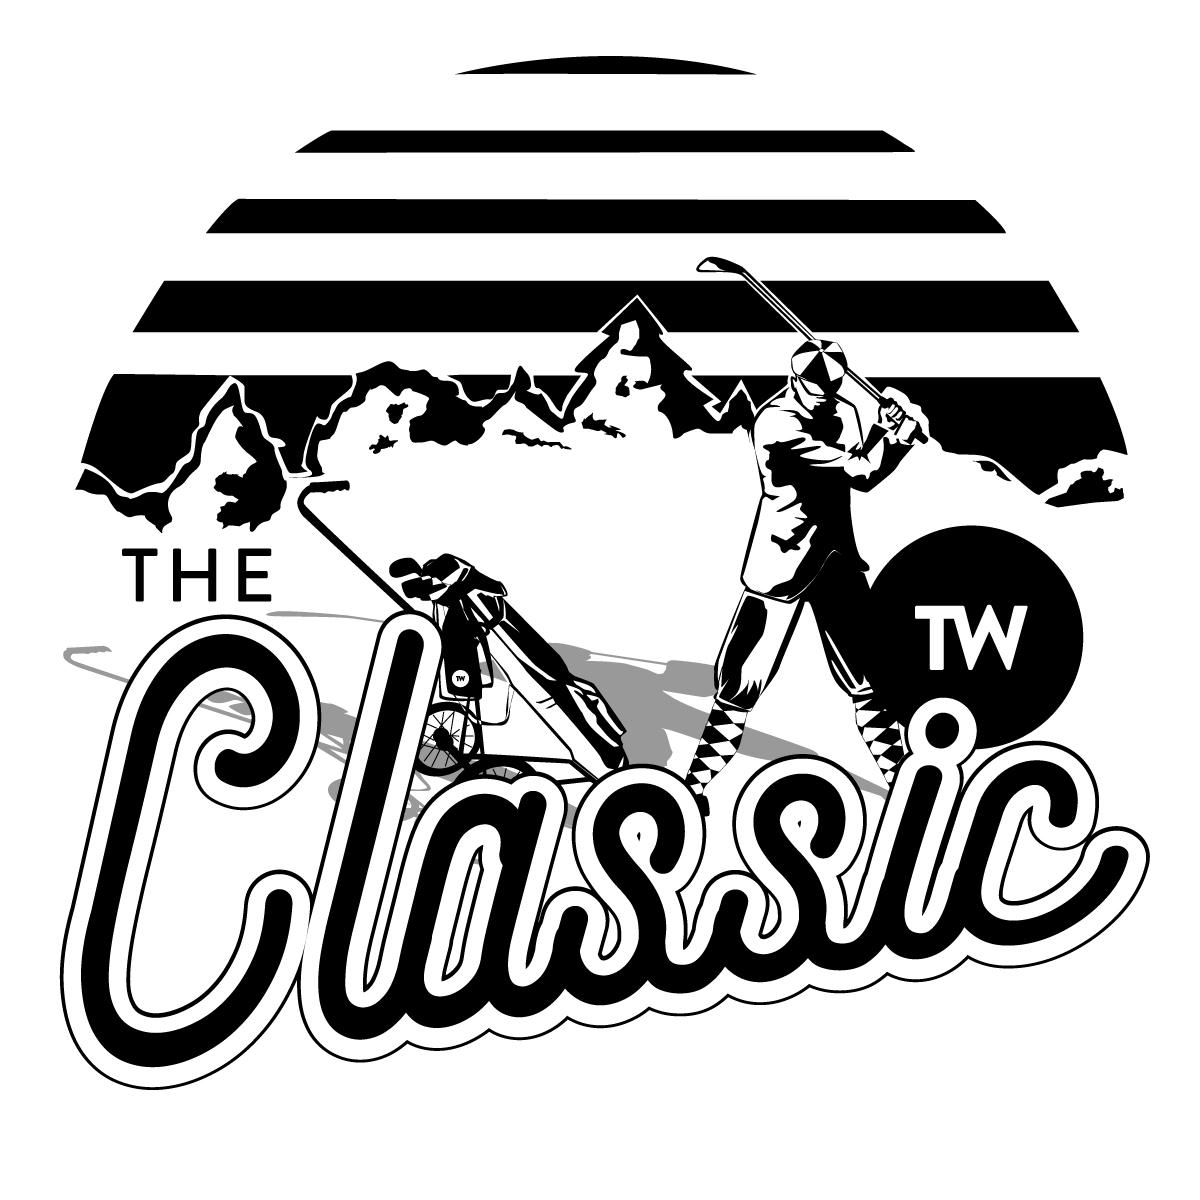 TW Classic tee